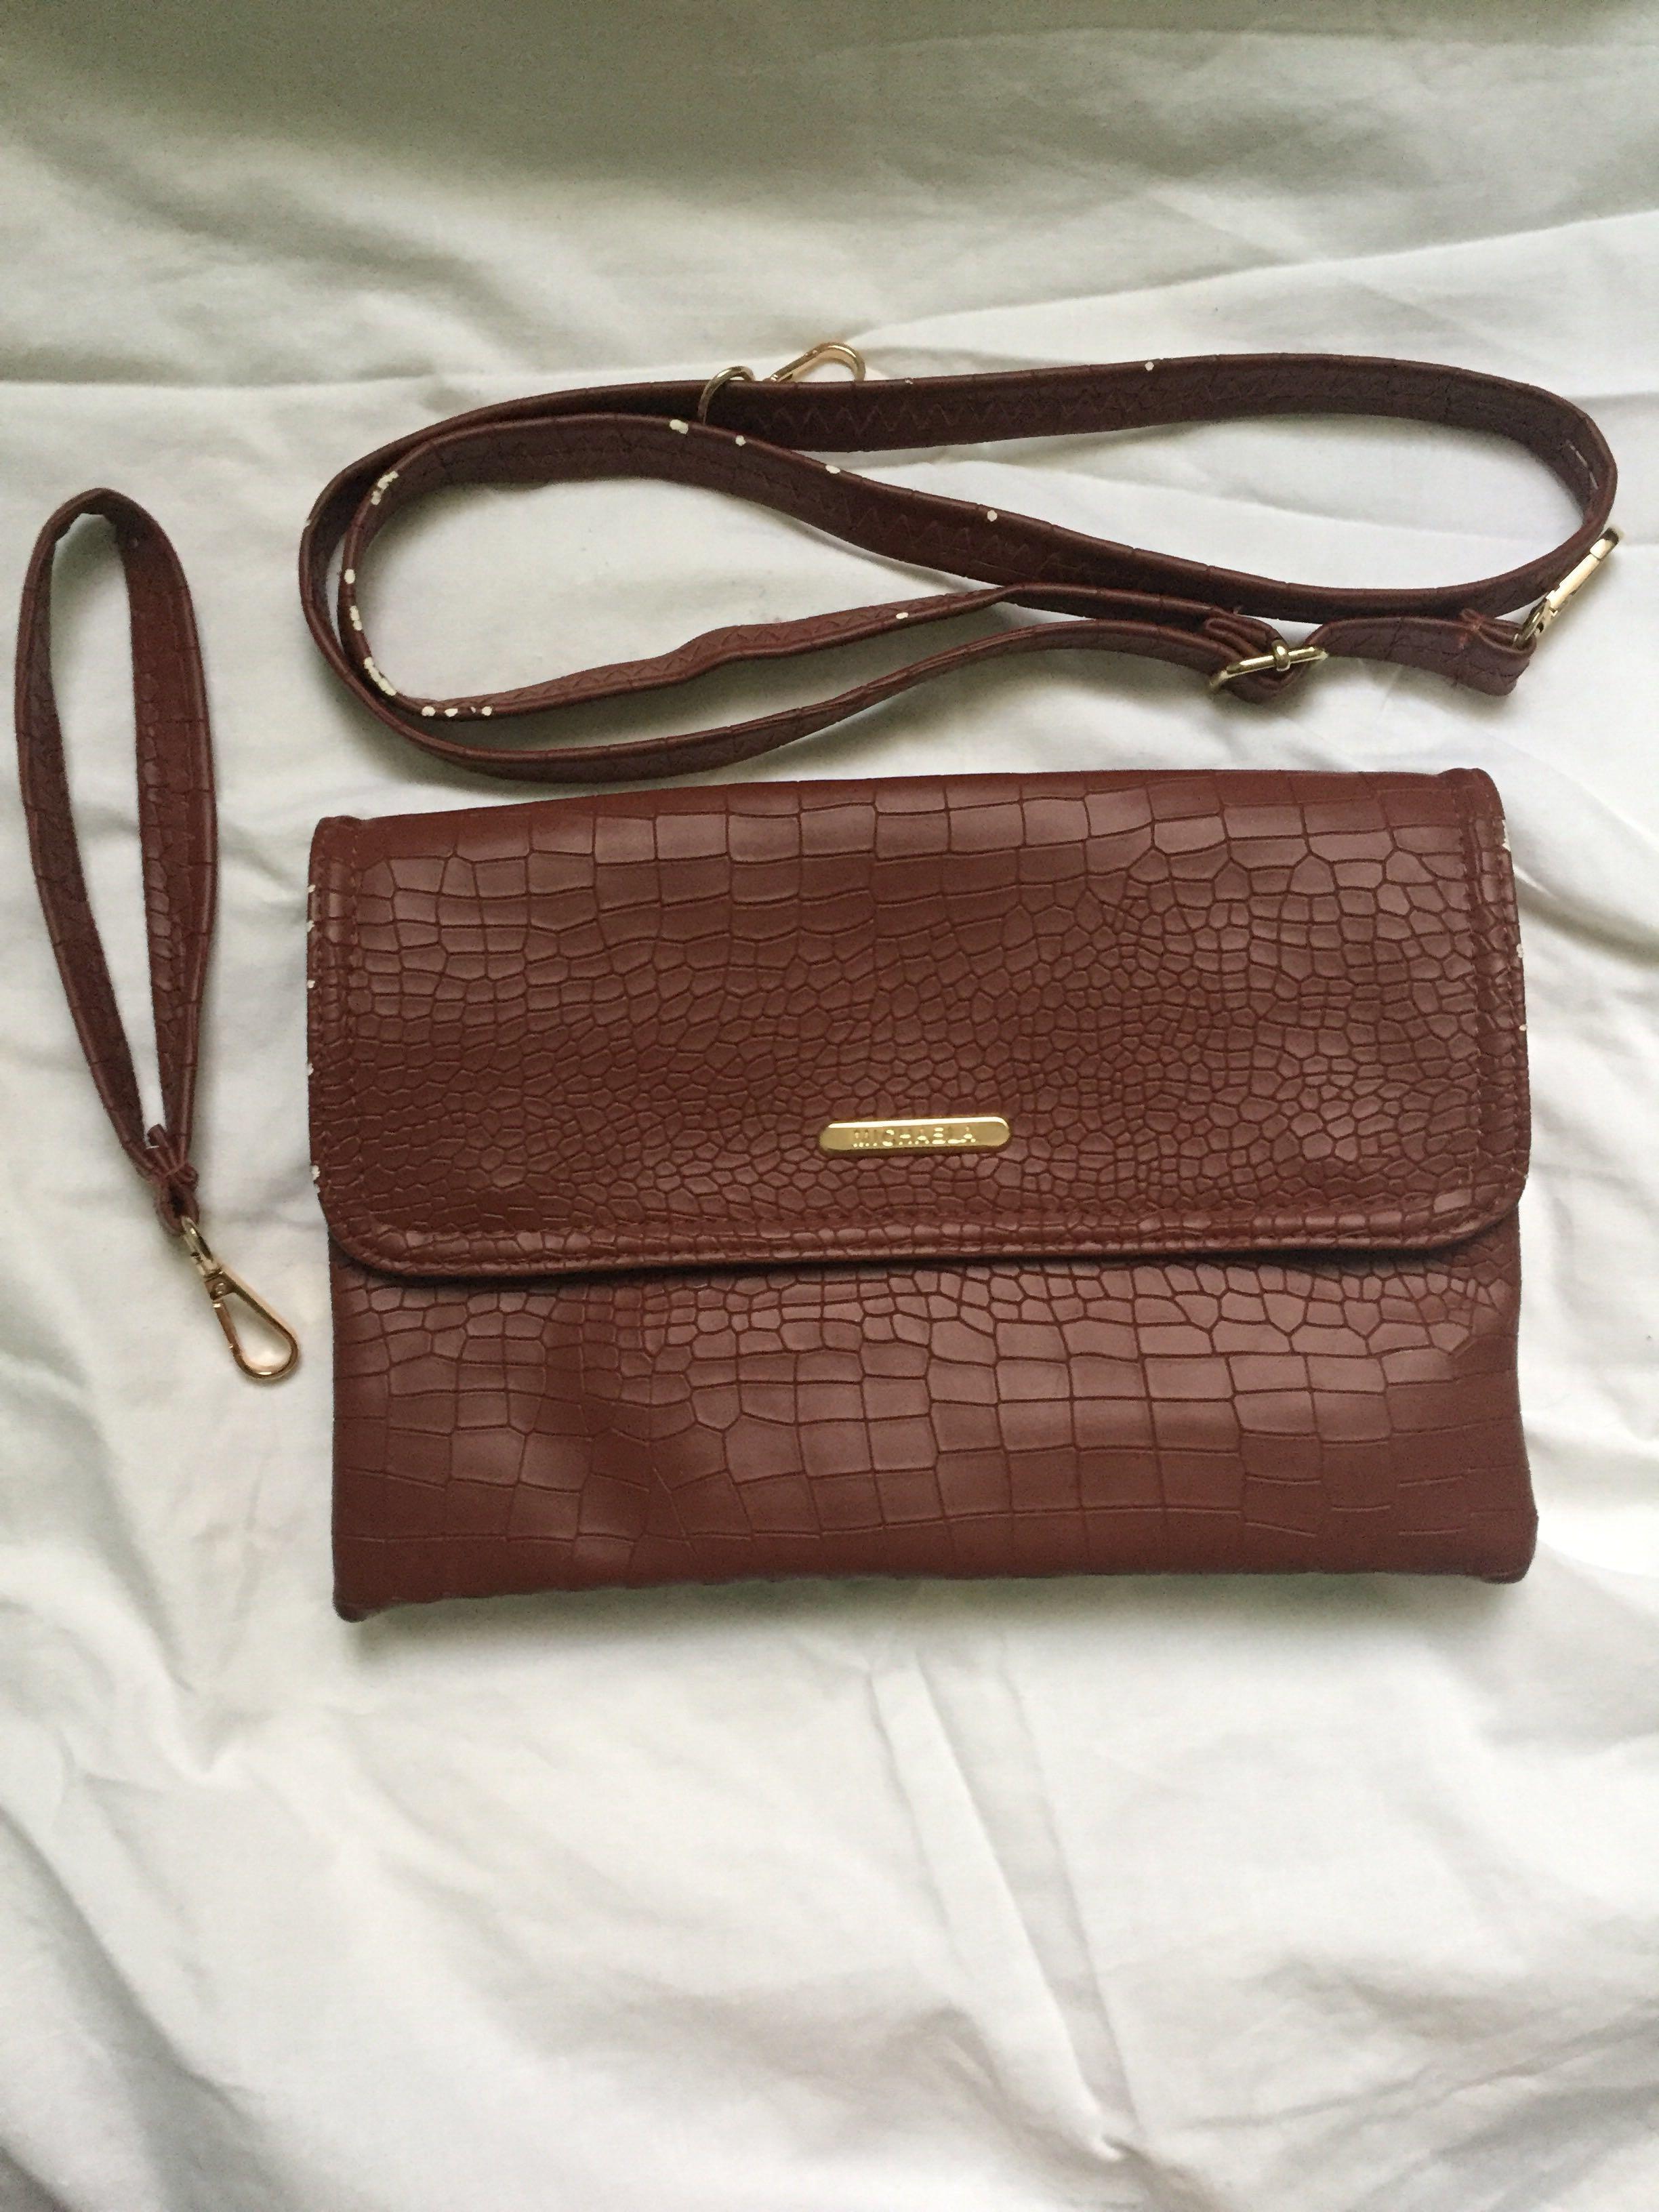 Michaela 2 way bag